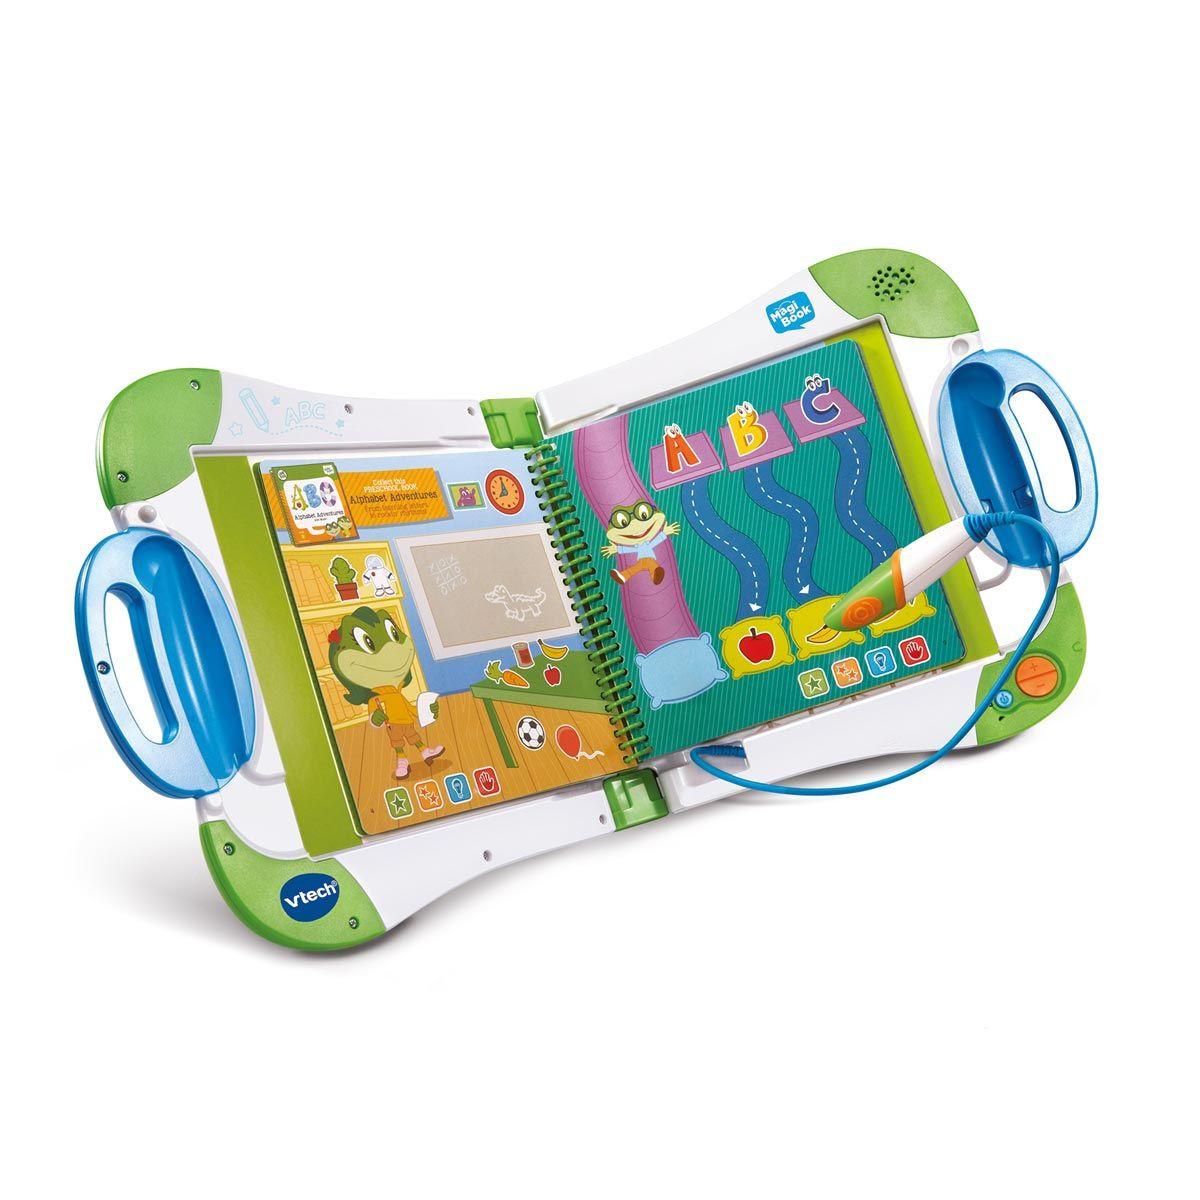 Magibook - Starter Pack Vert Vtech : Avis Et Comparateur De Prix dedans Jeux Educatif Enfant 2 Ans